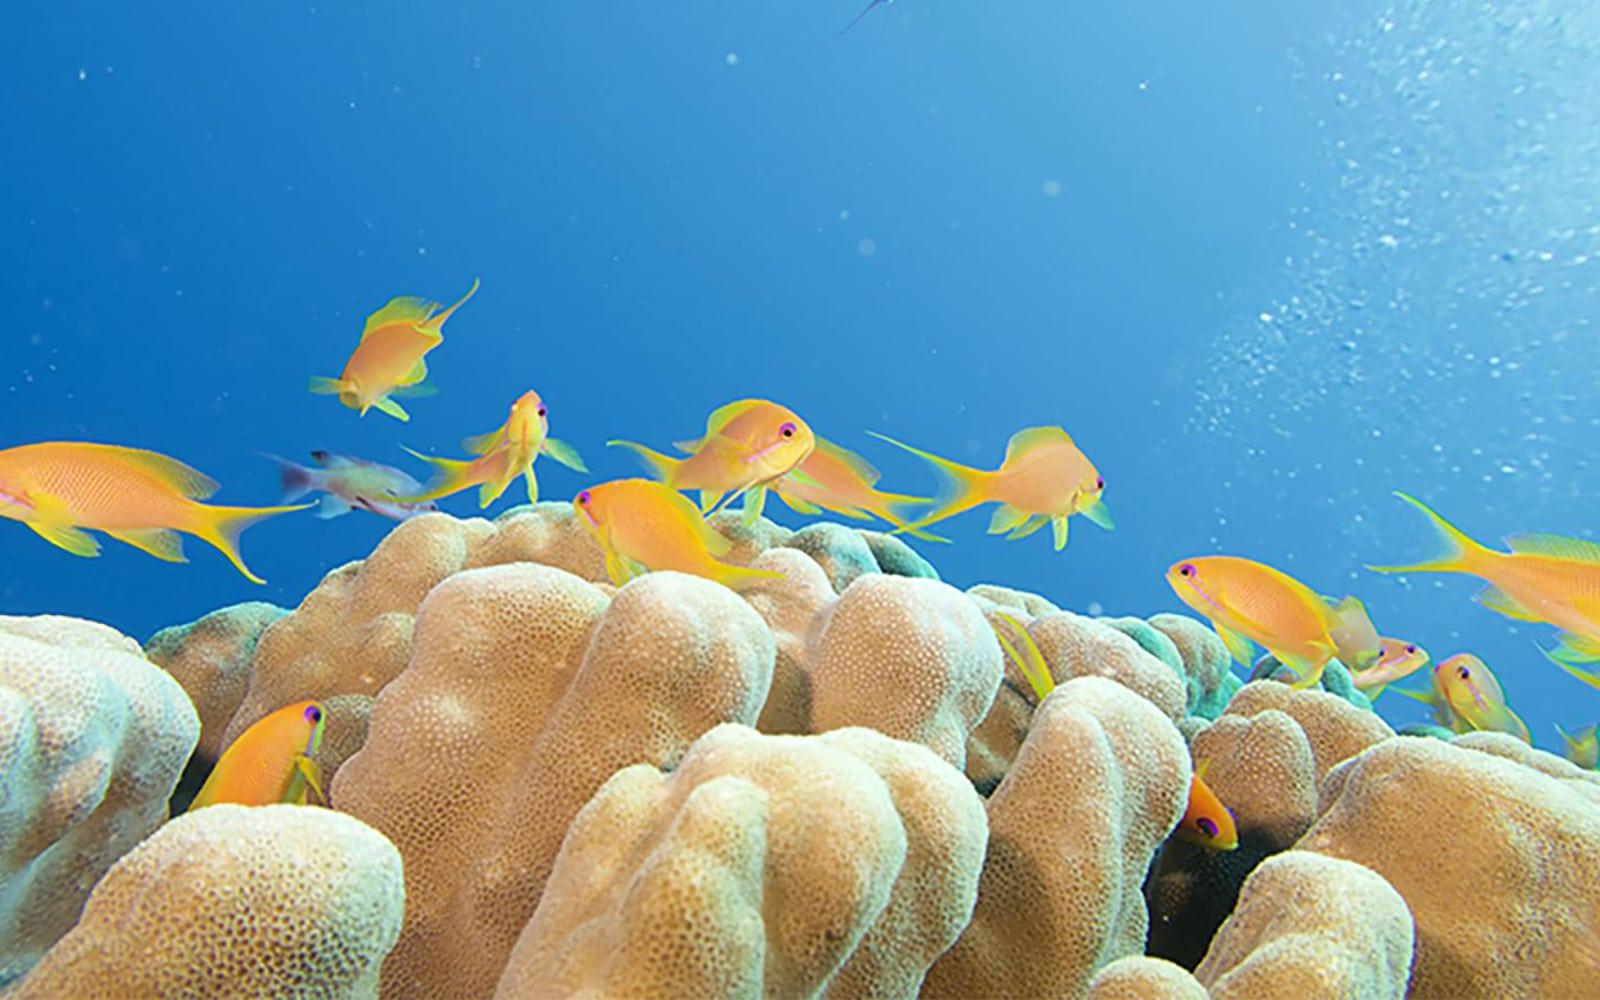 אלמוג במפרץ עקבה (צילום: Ove Hoegh-Guldberg)